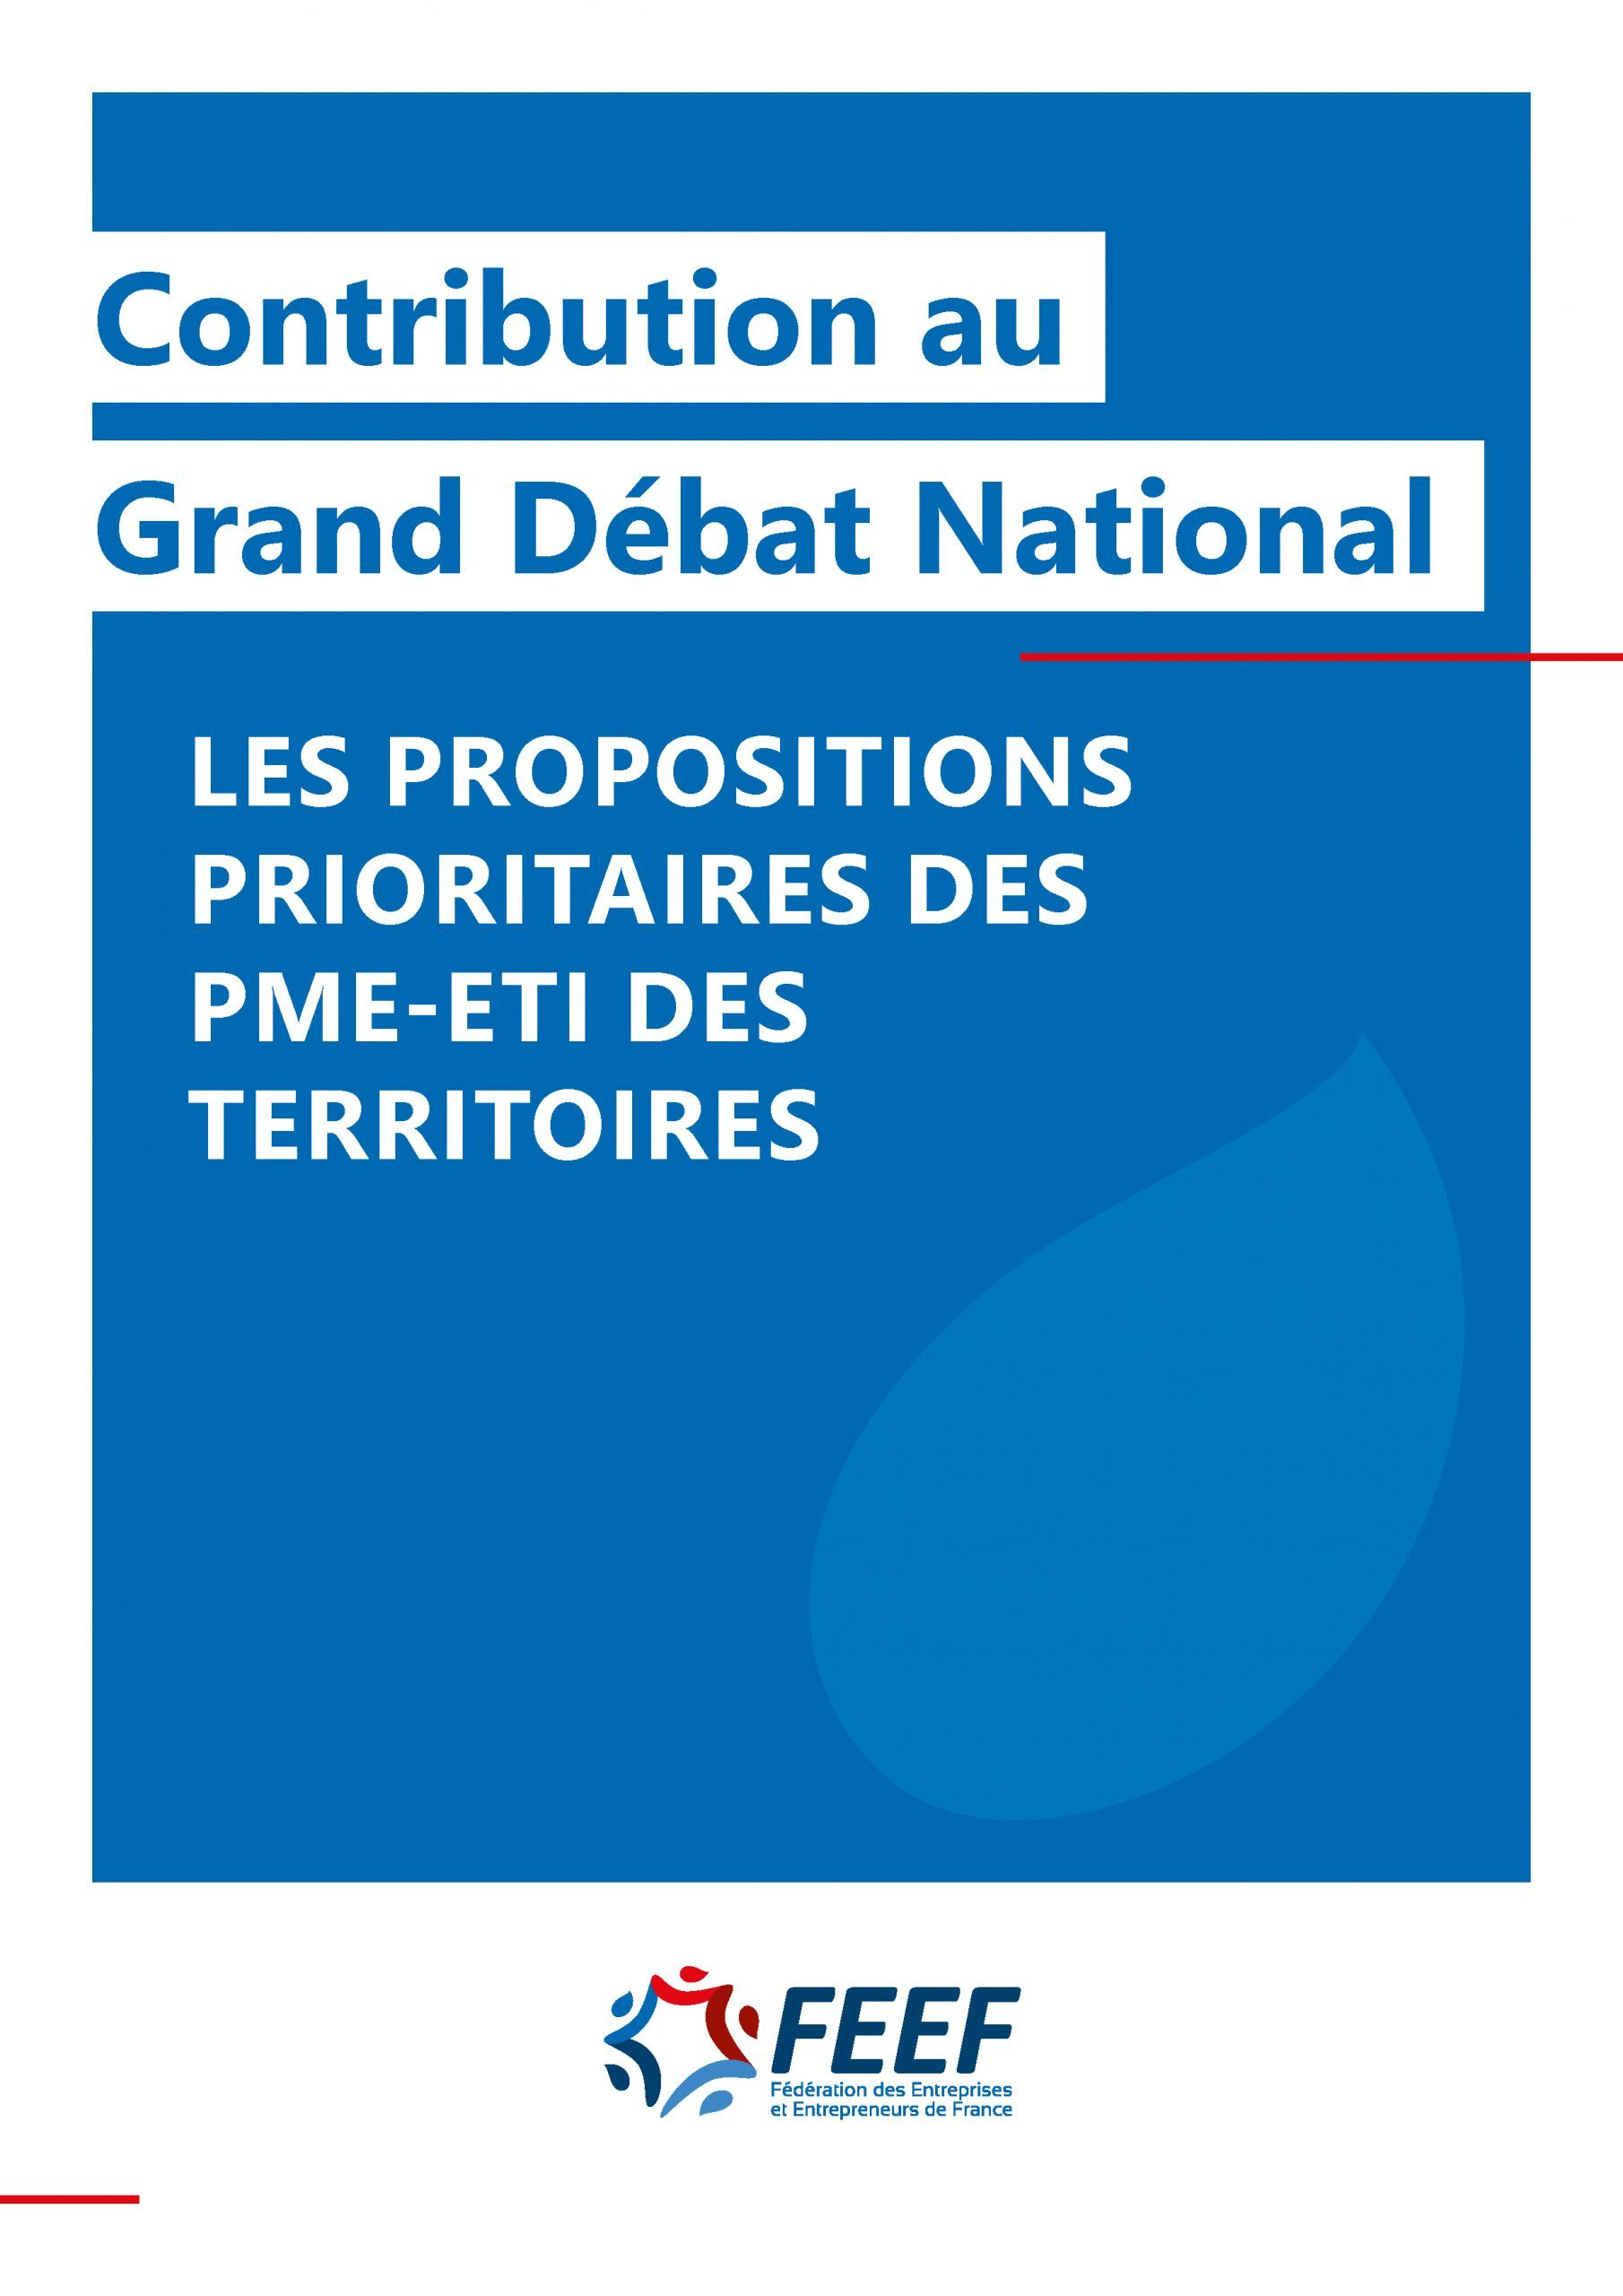 Contribution au Grand Débat National